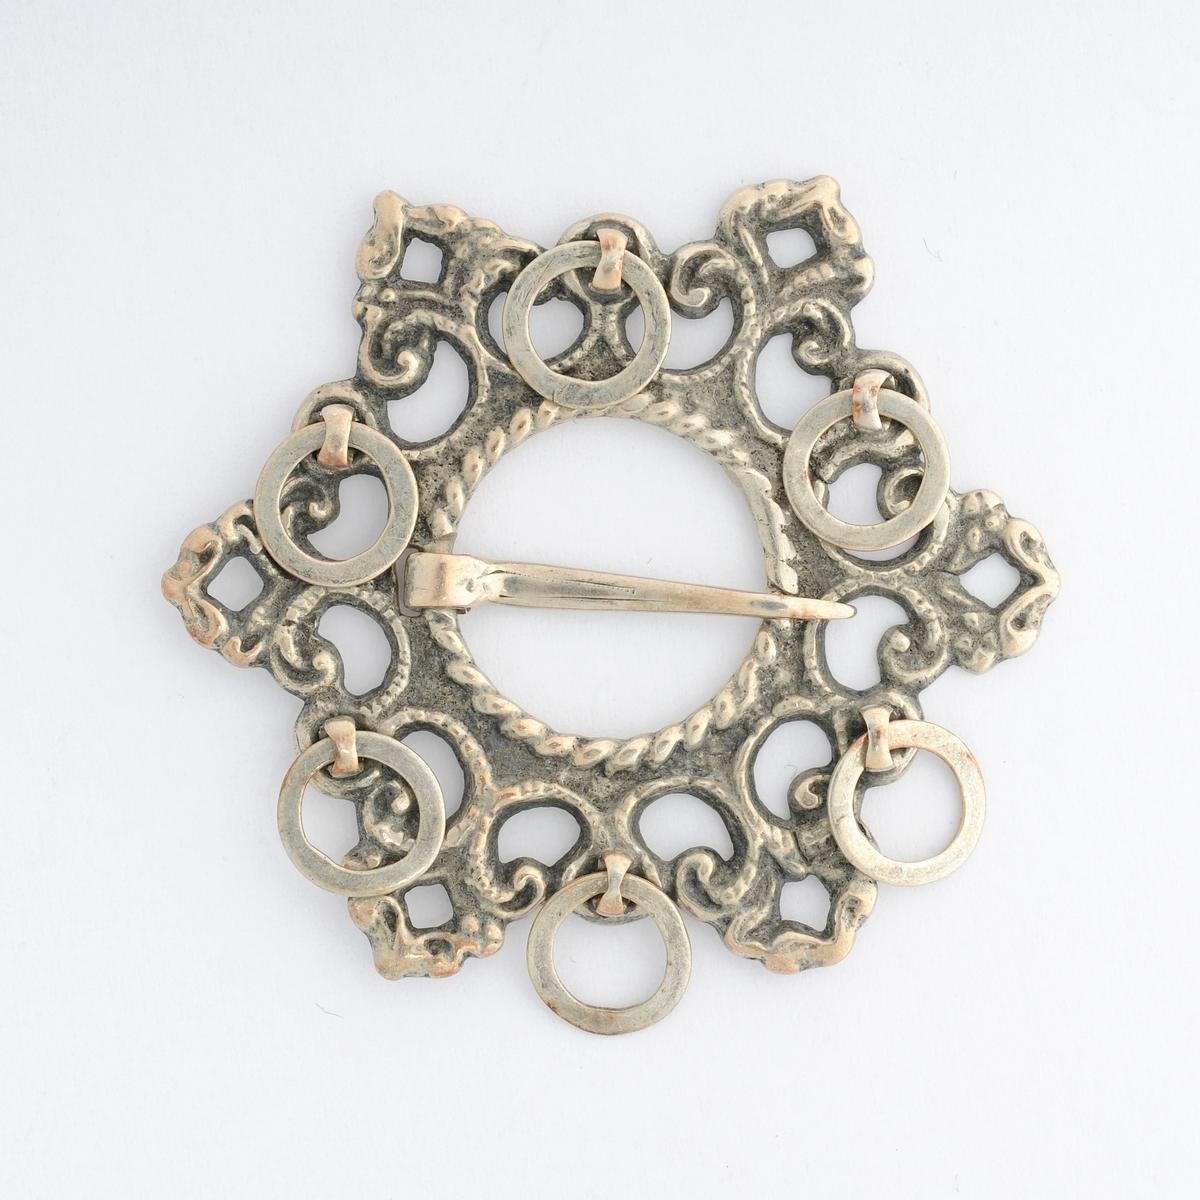 Sporesølje (spiresølje) støypt i sølv med seks spir og seks ringar. Open tann (nål).